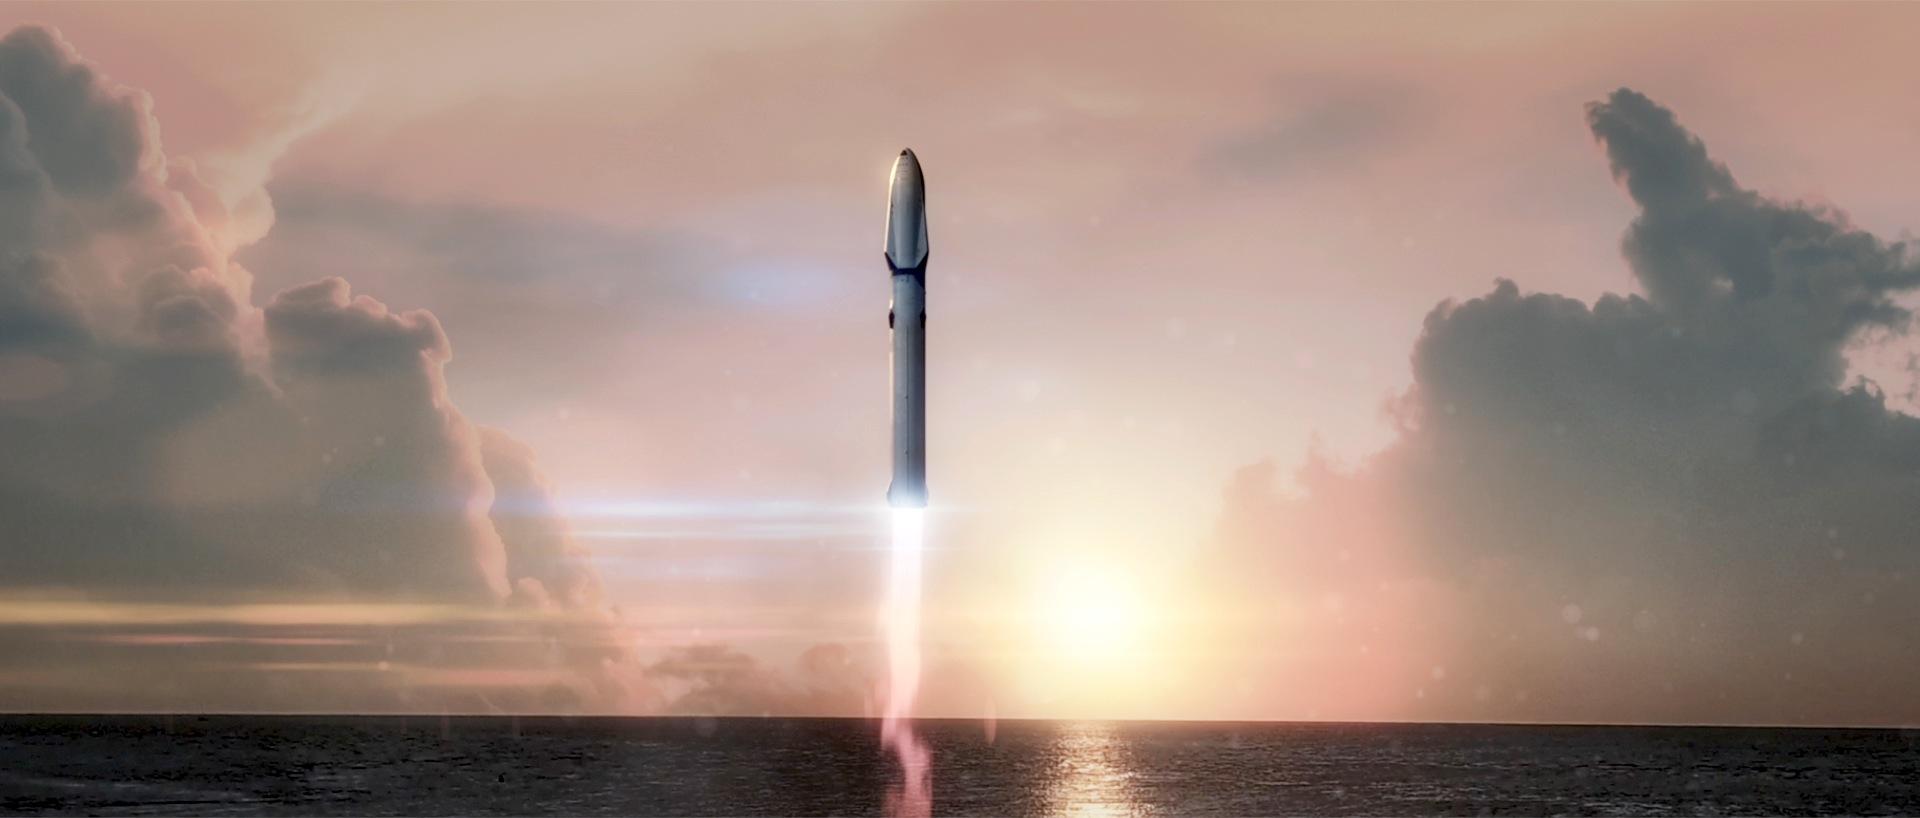 SpaceX plant mehrere Flüge zum Mond.